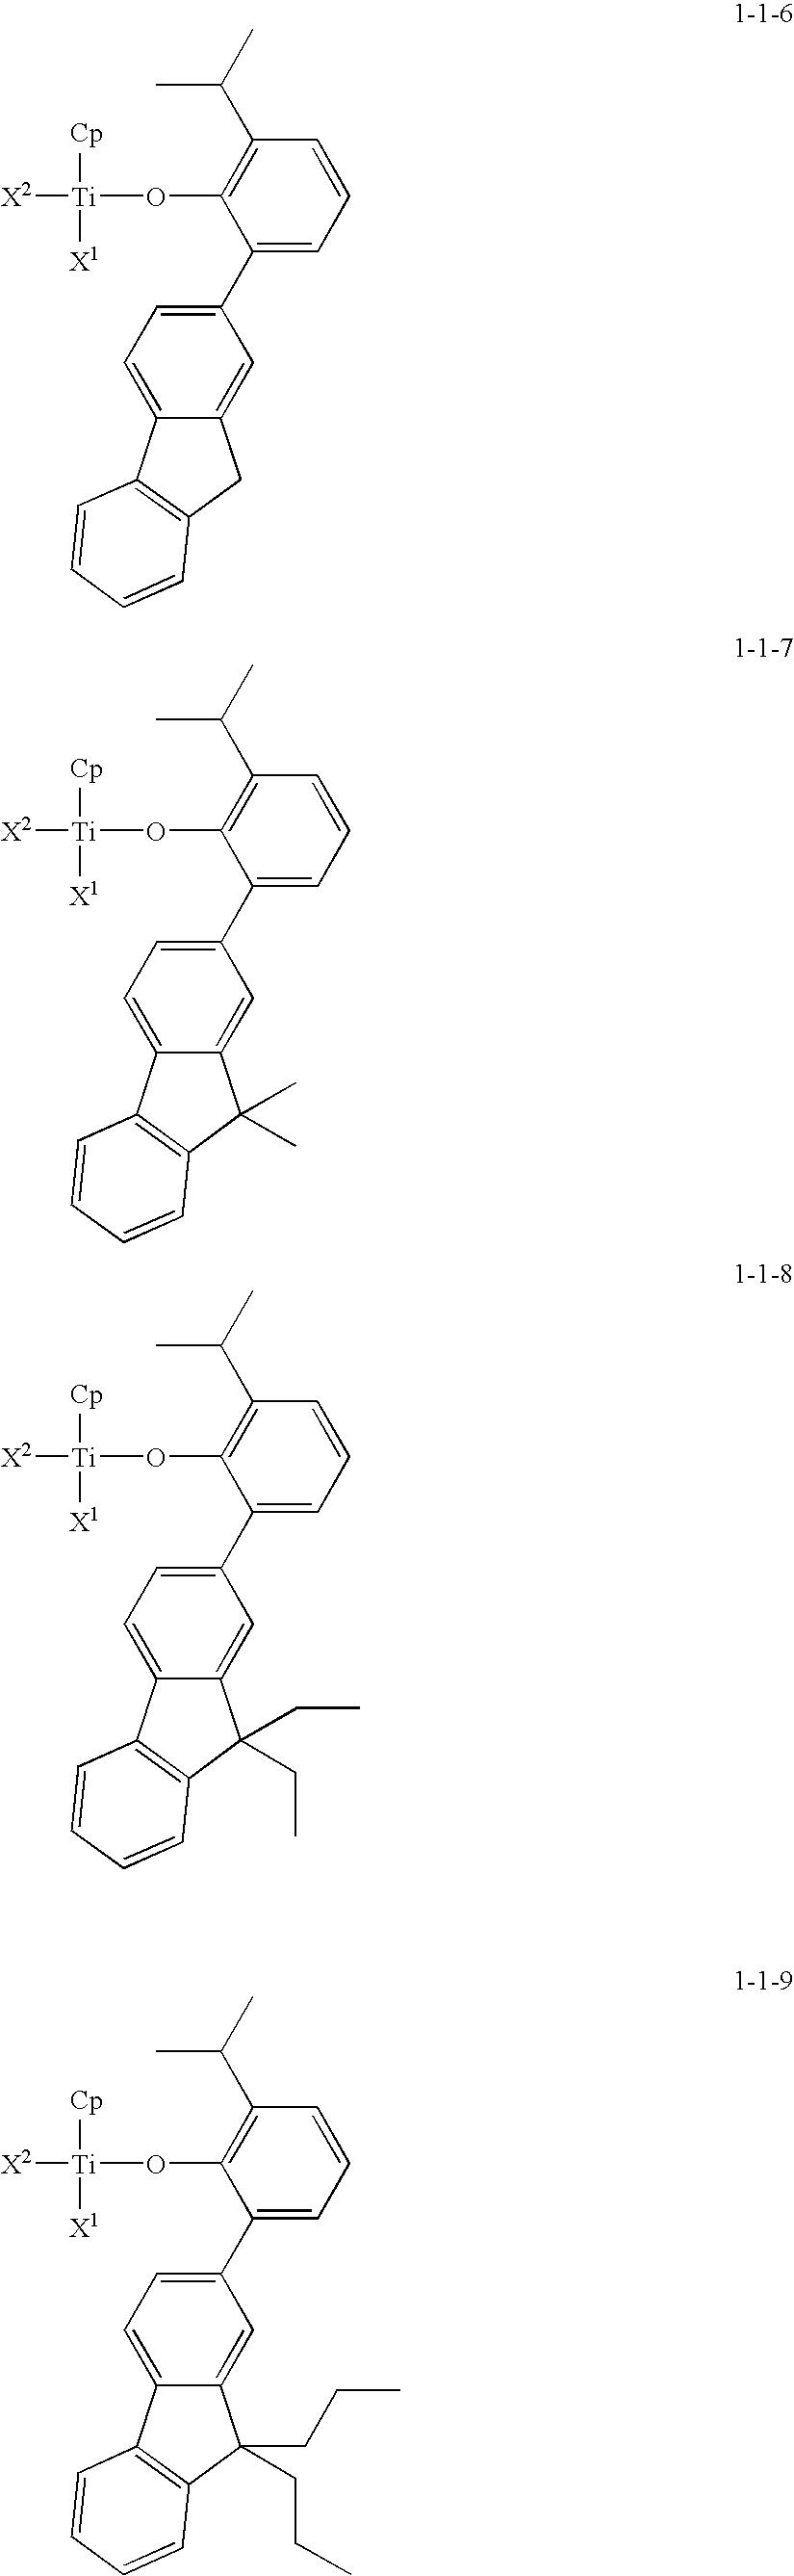 Figure US20100081776A1-20100401-C00049